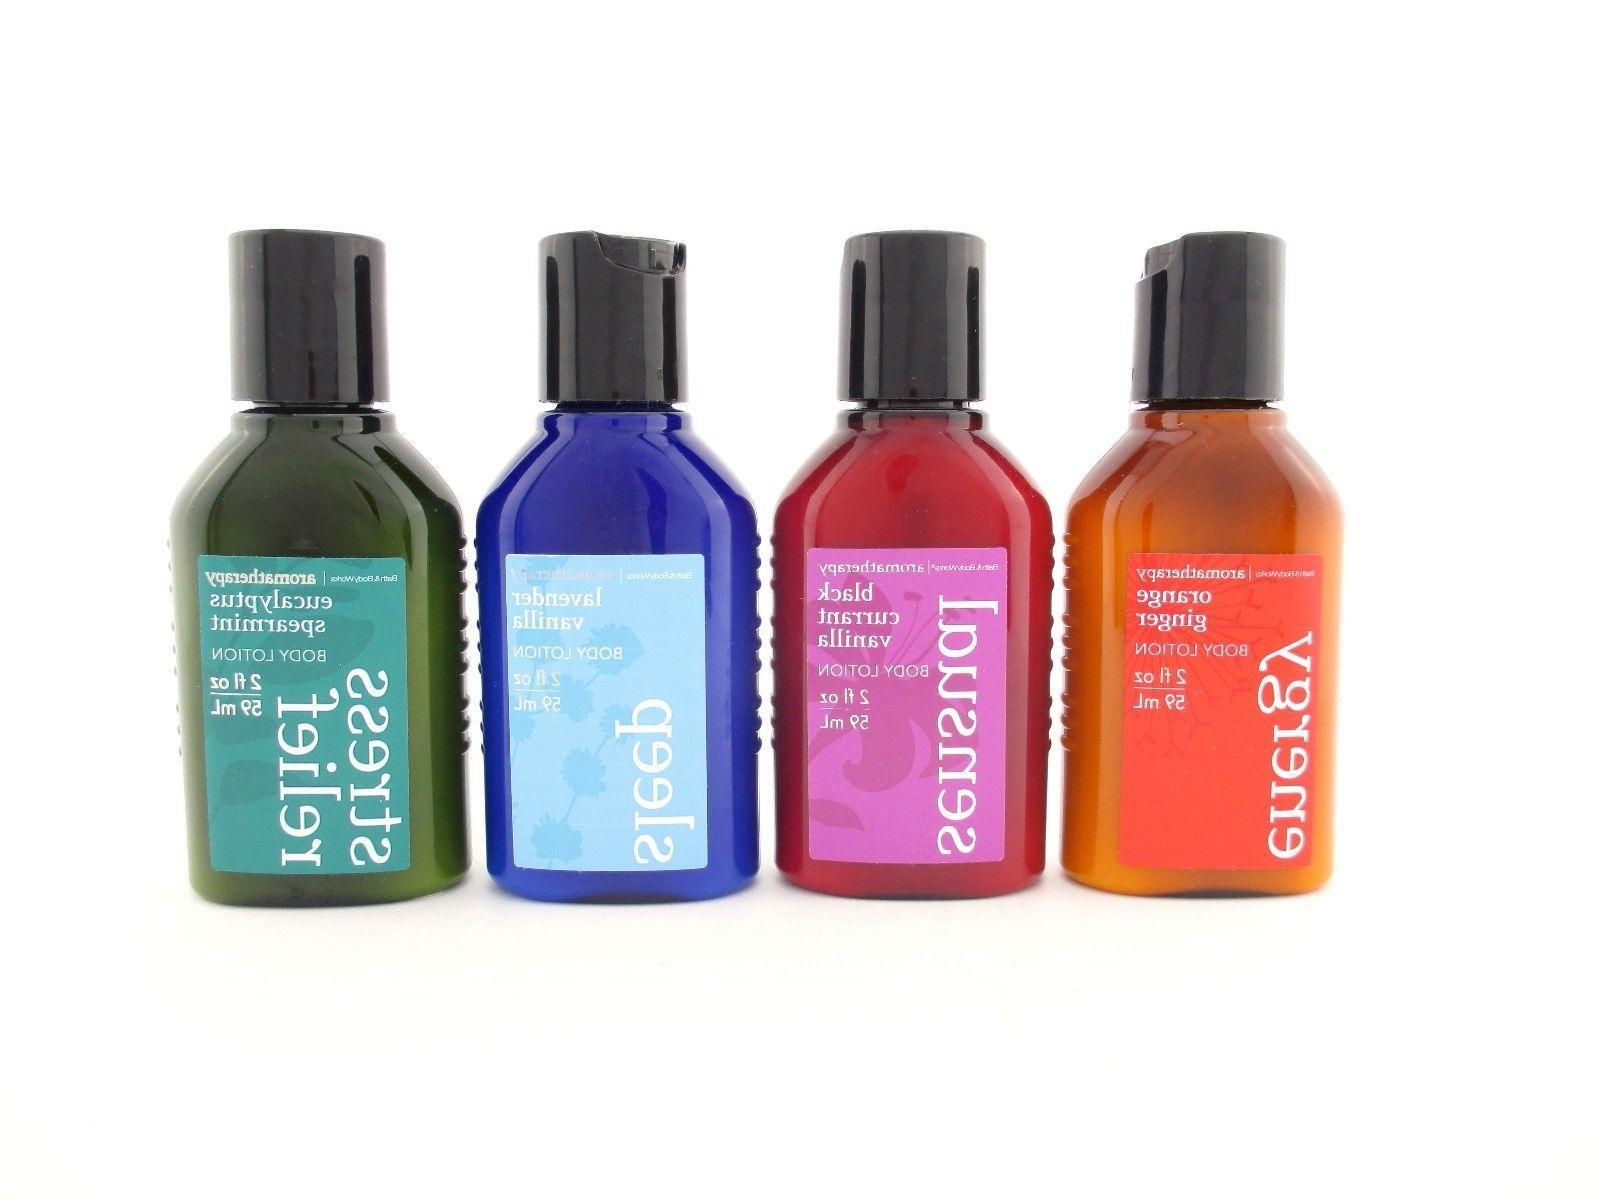 Bath Body Works 2oz Body Lotion Travel Size Aromatherapy Cho